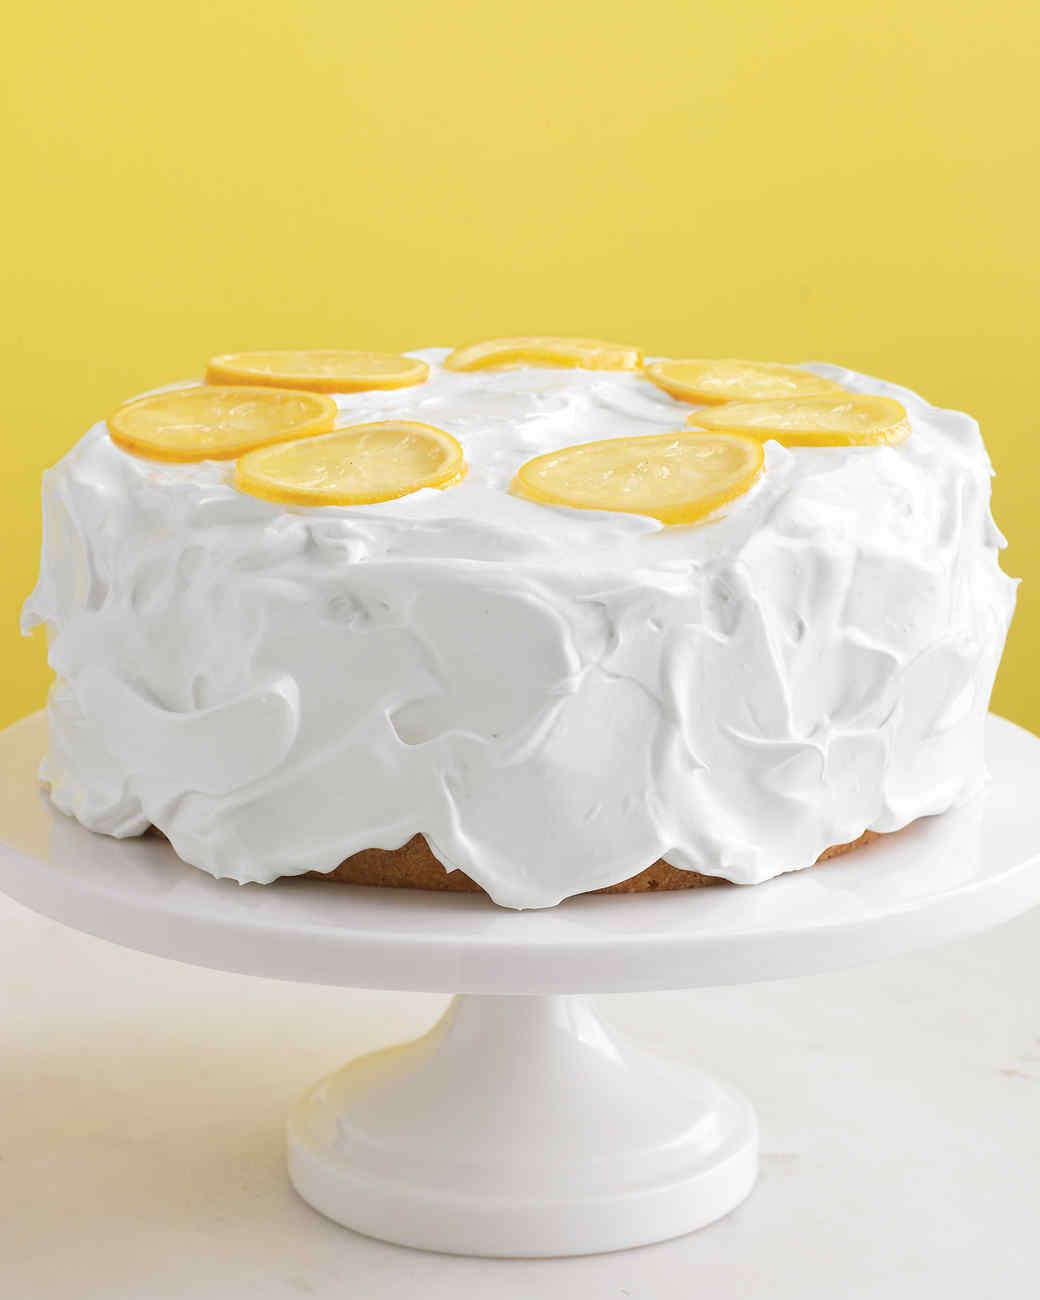 Betty Crocker Lemon Ginger Bundt Cake